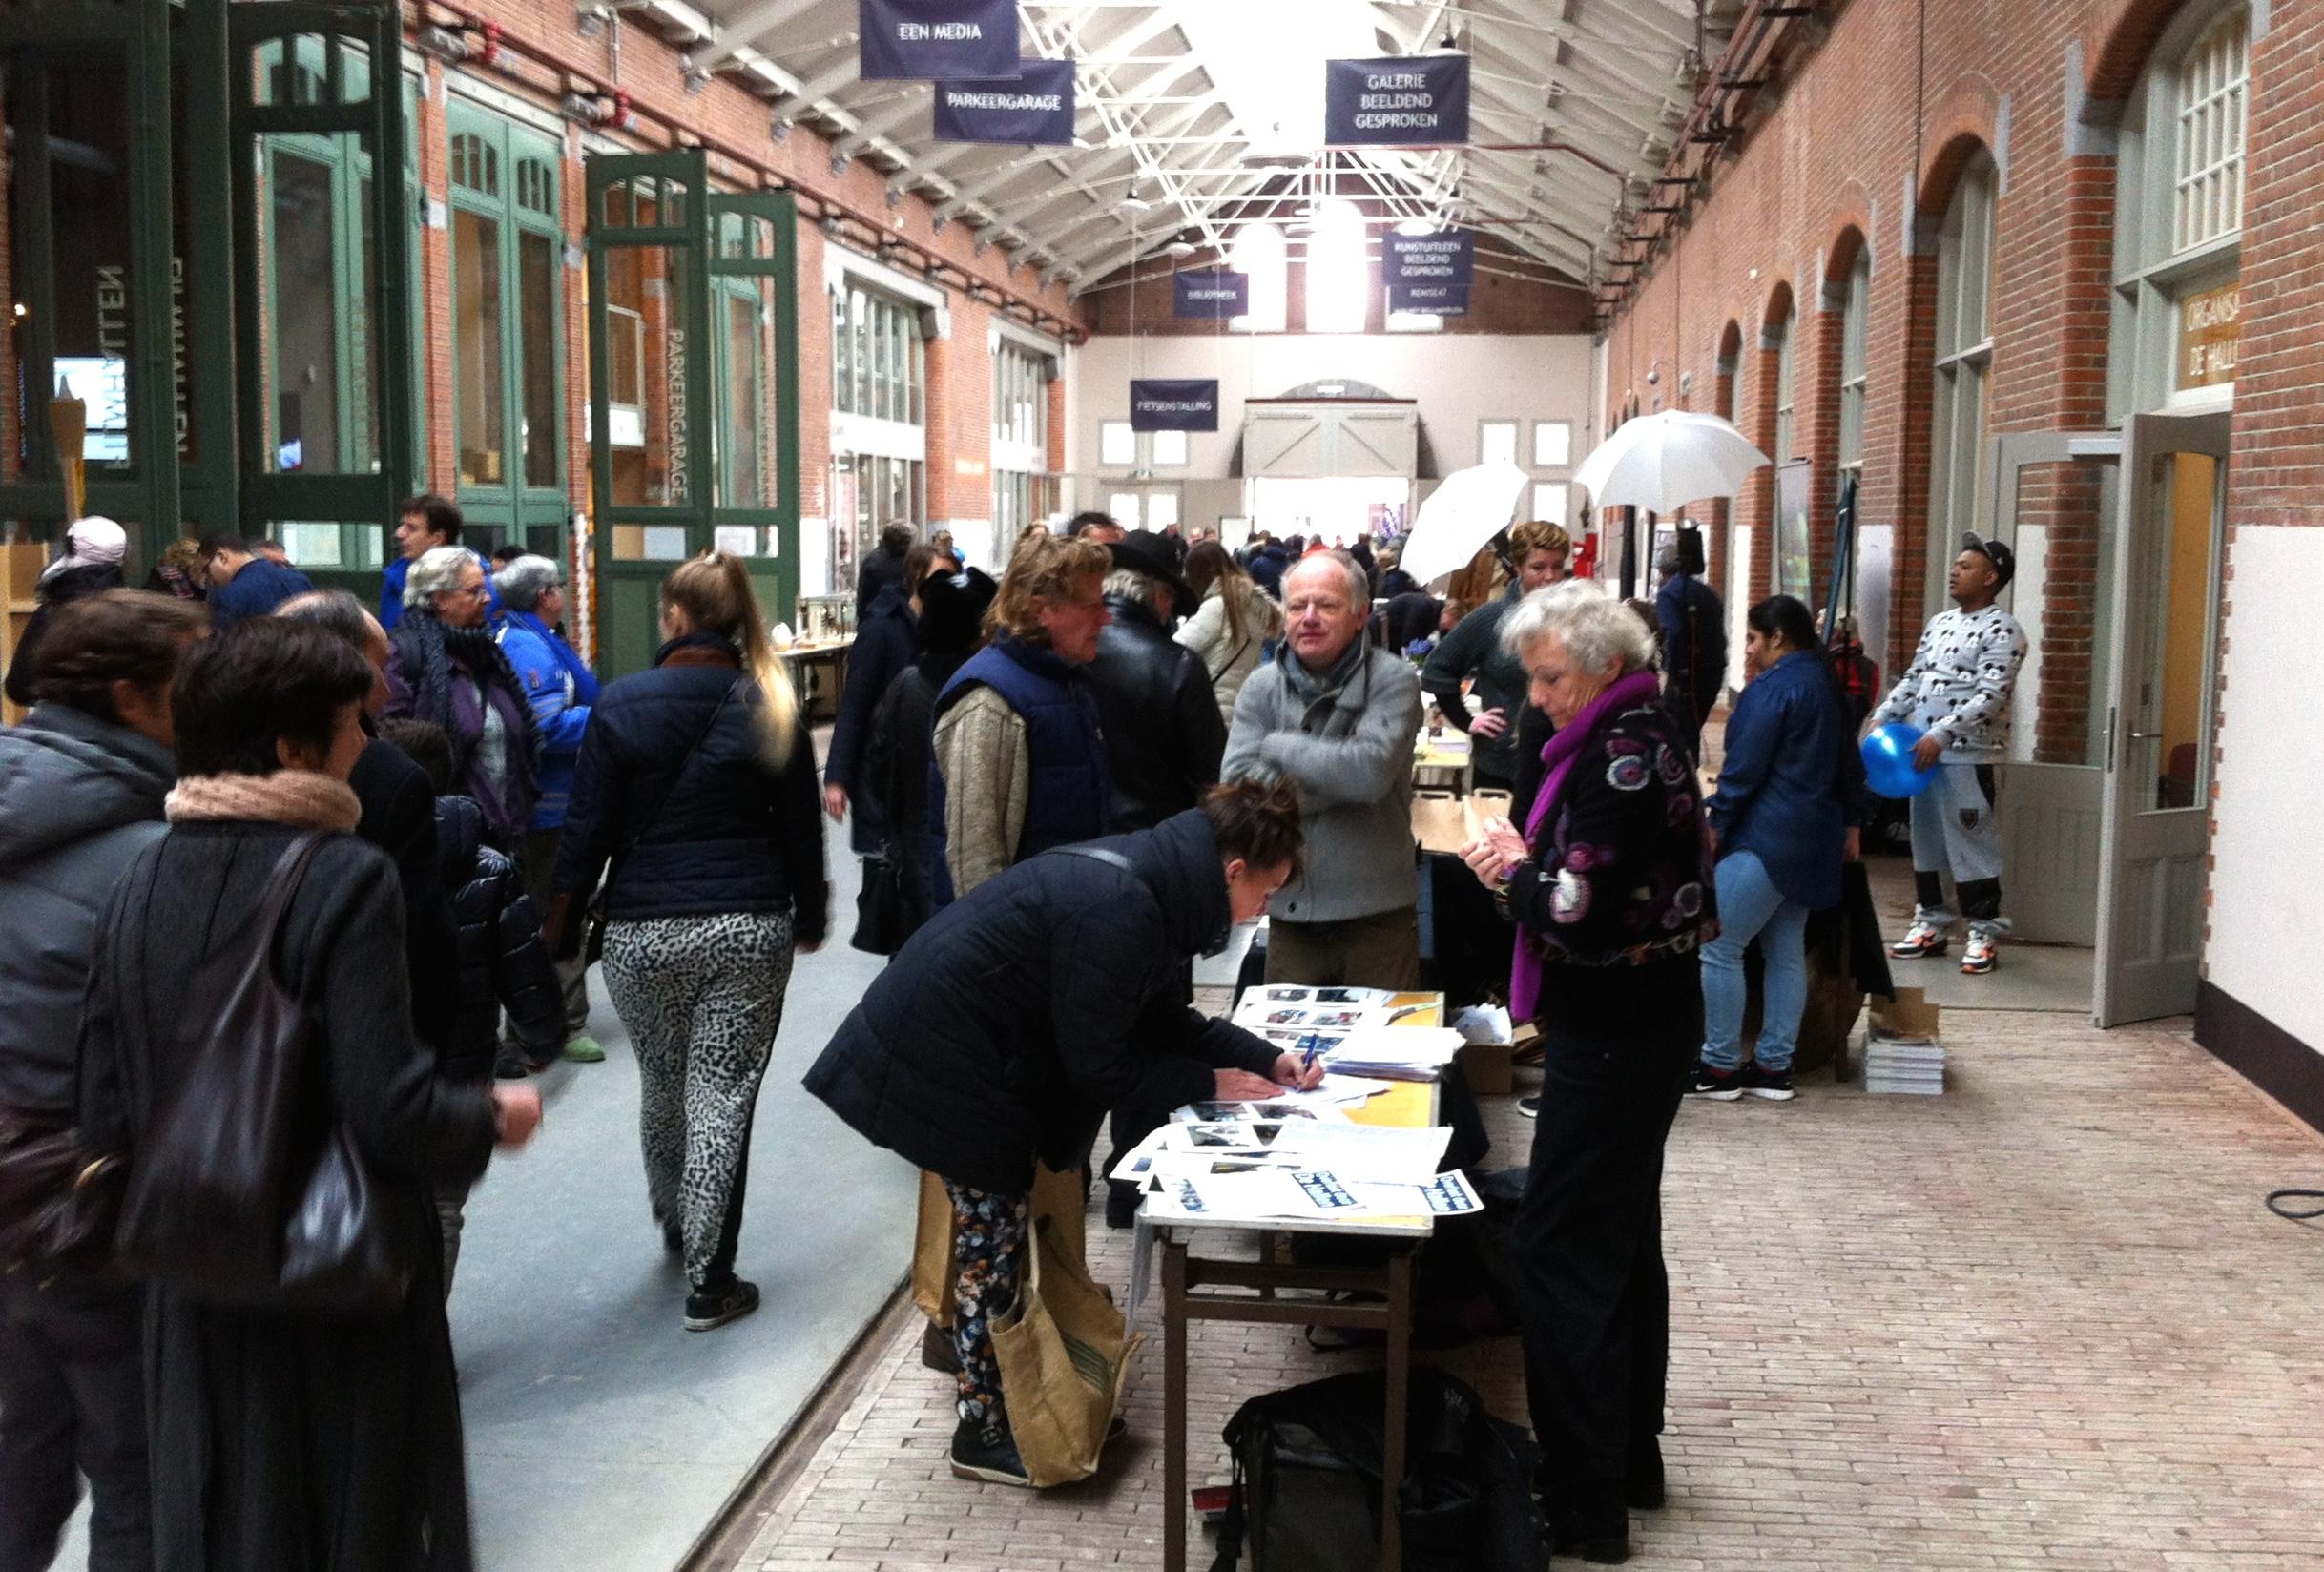 Een buurtbewoner zet in De Hallen haar handtekening tegen overlast door de vele bezoekers.